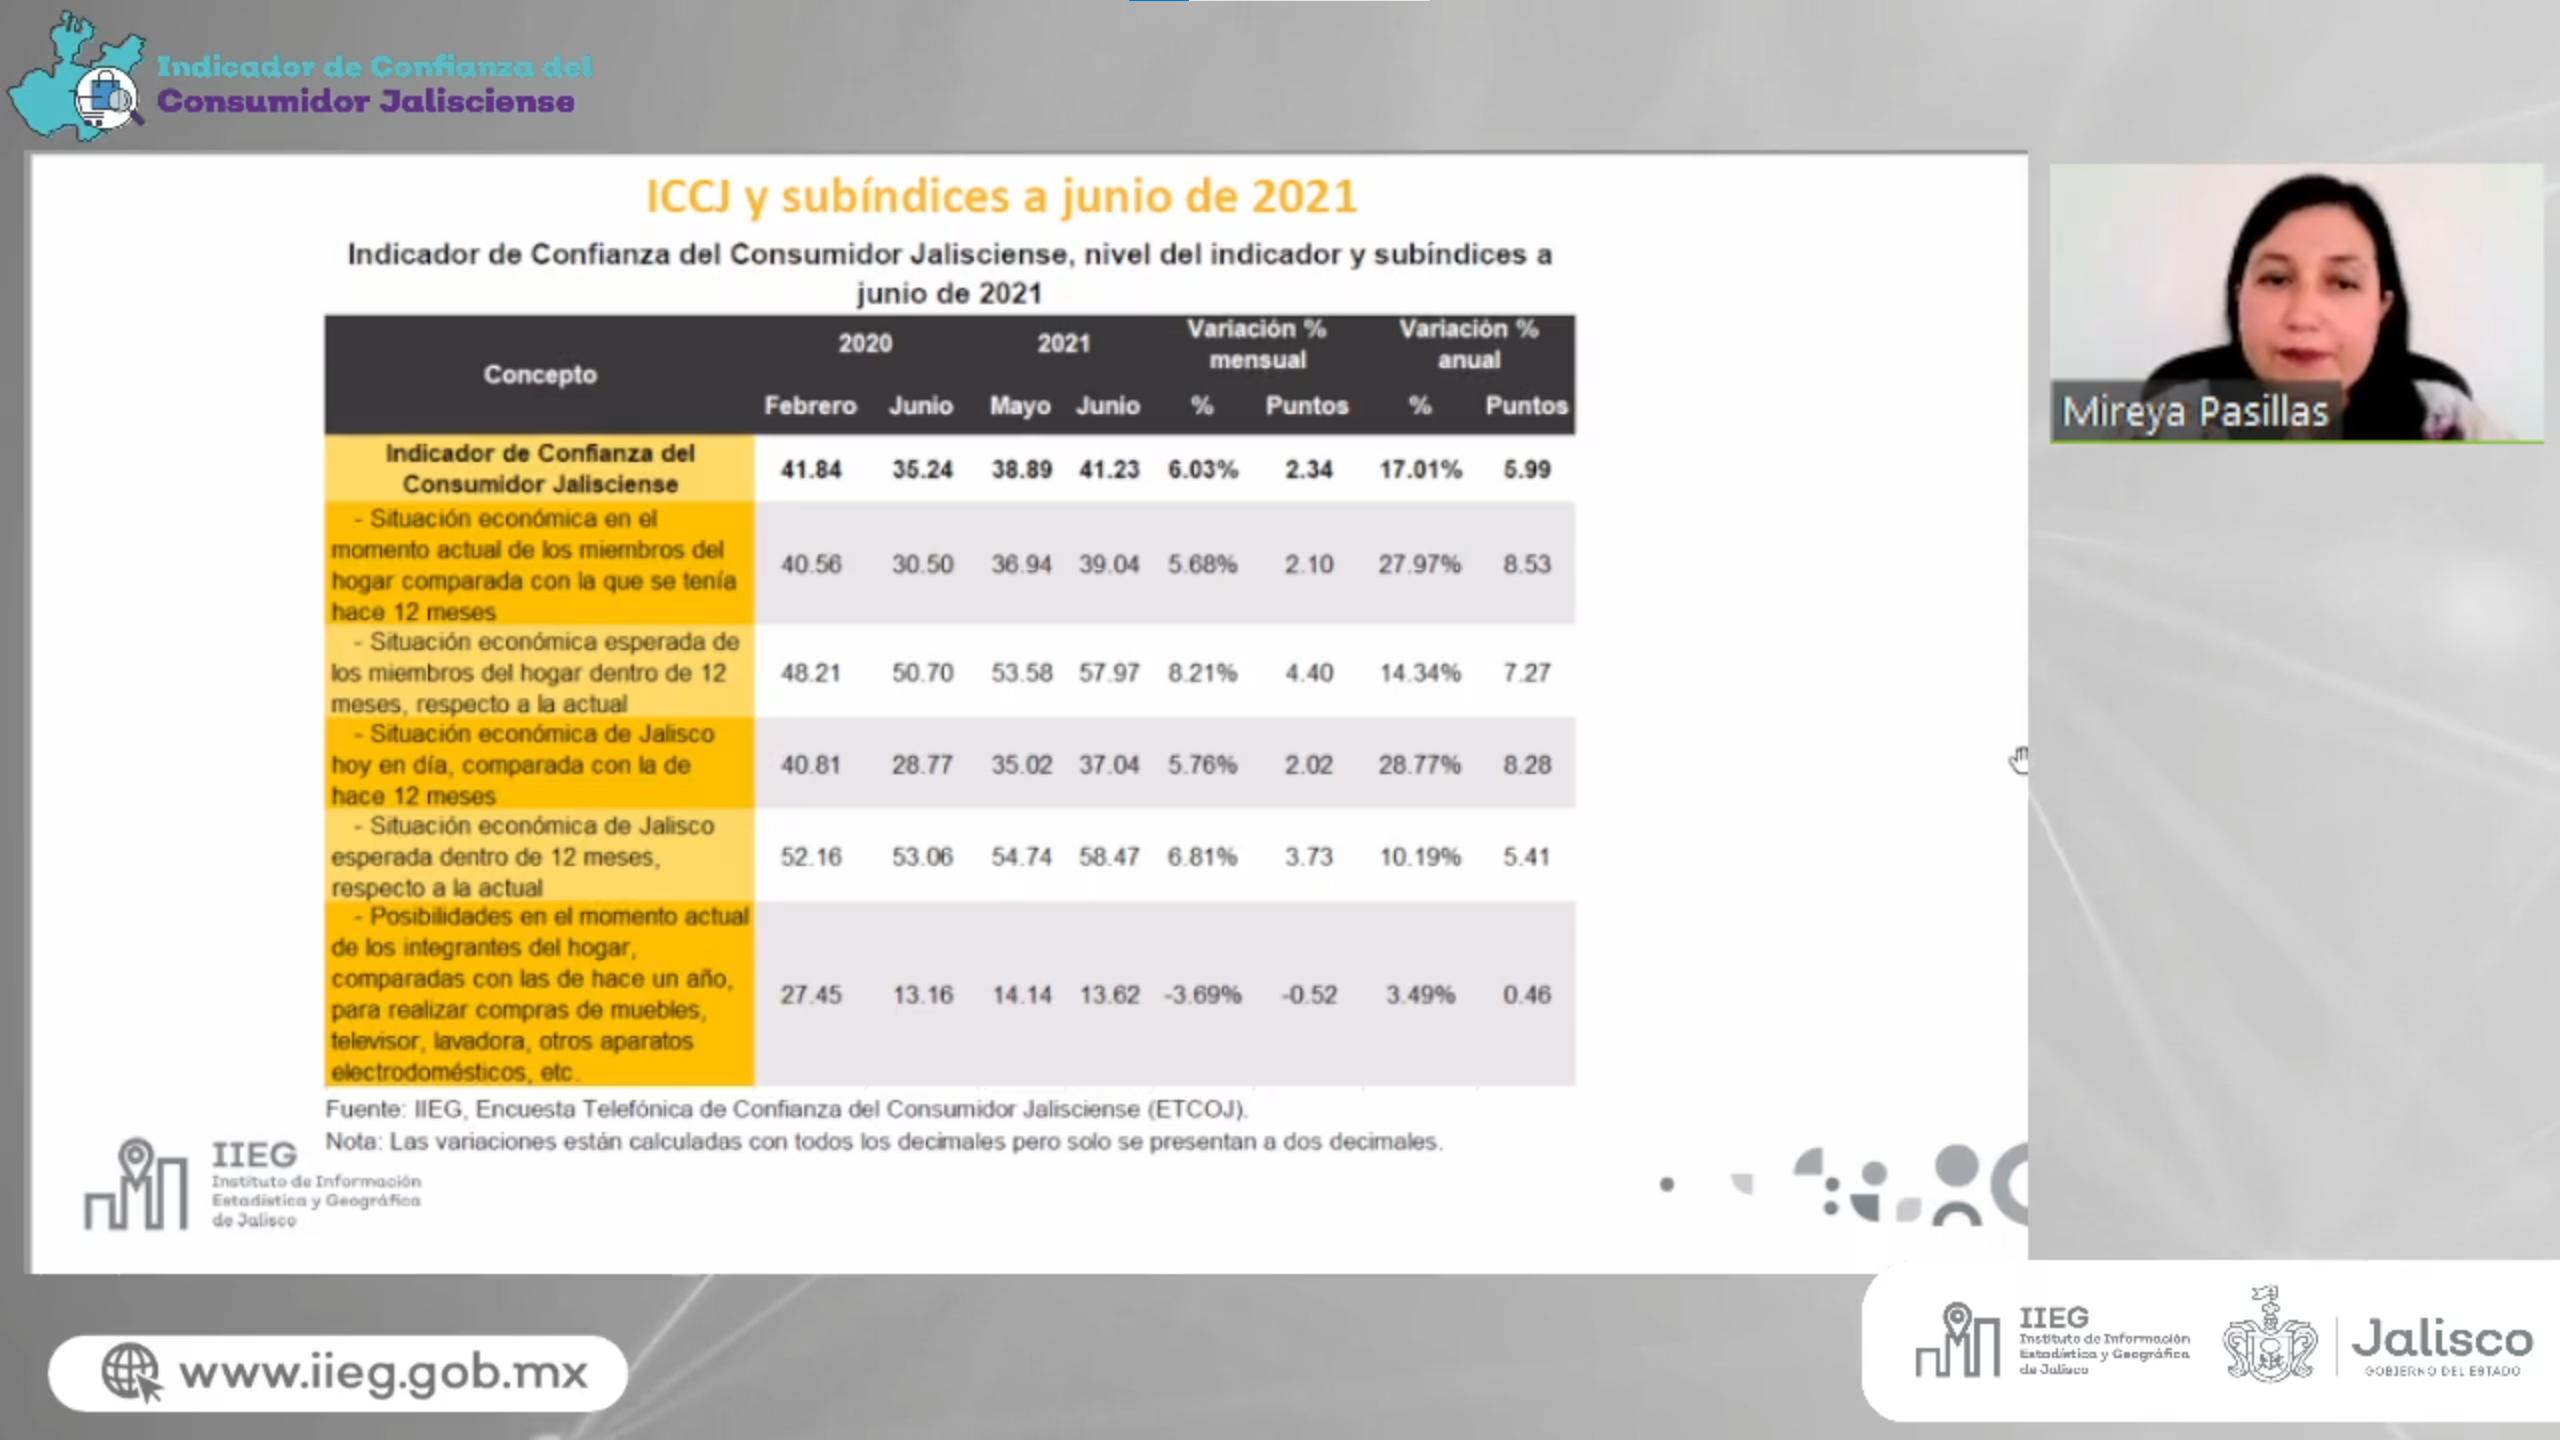 Indicador de Confianza del Consumidor Jalisciense de junio subió 2.34 puntos